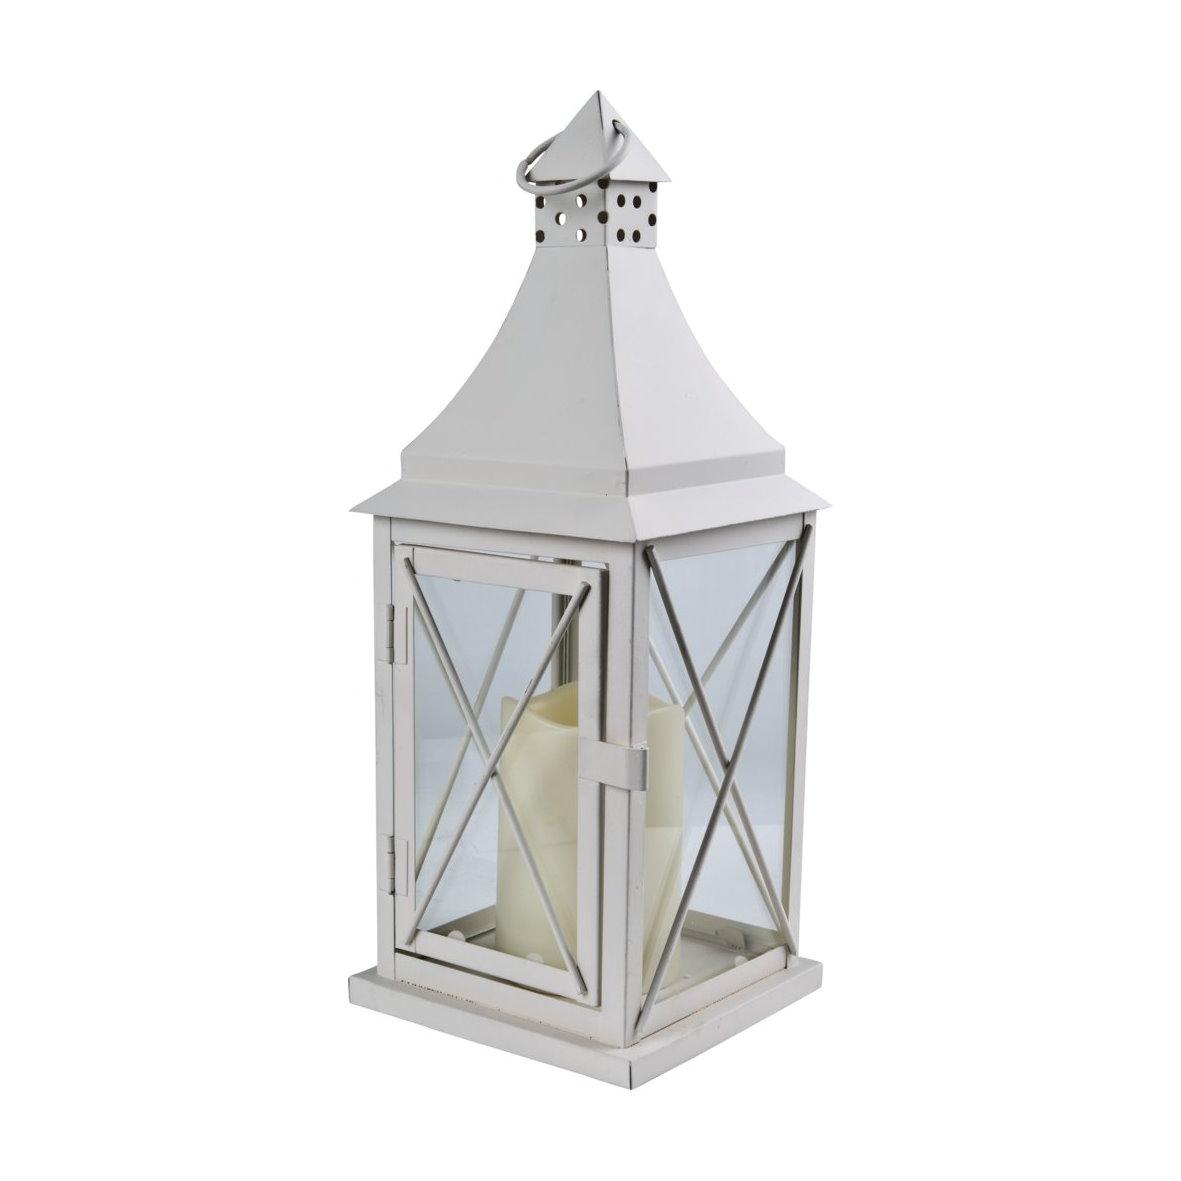 led laterne leuchte haus deko vintage lampe batterie. Black Bedroom Furniture Sets. Home Design Ideas